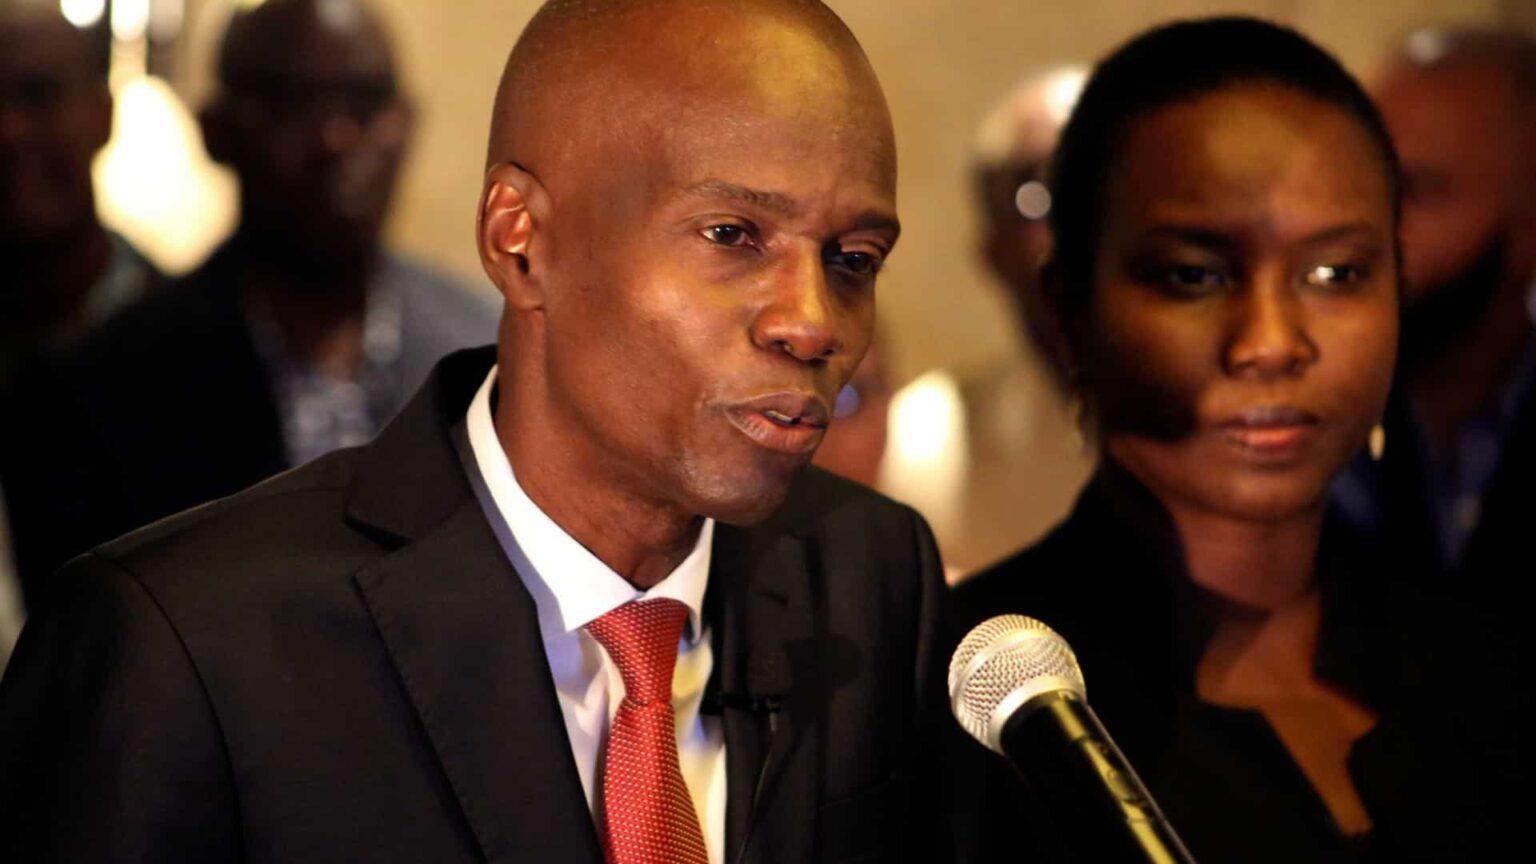 Primeiro-ministro do Haiti é suspeito de mandar matar presidente